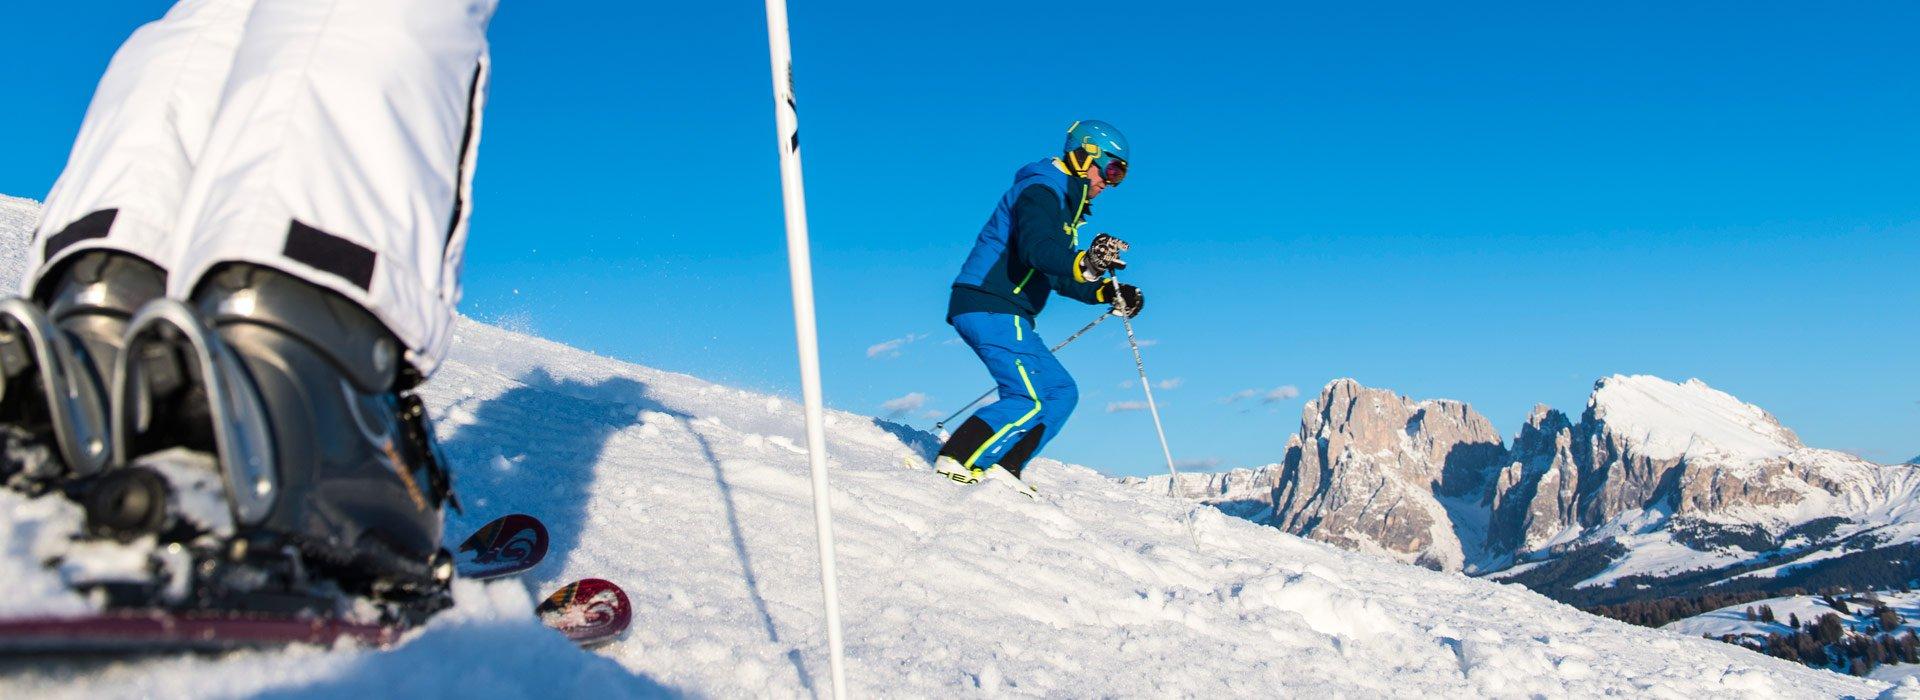 skiurlaub-kastelruth-05